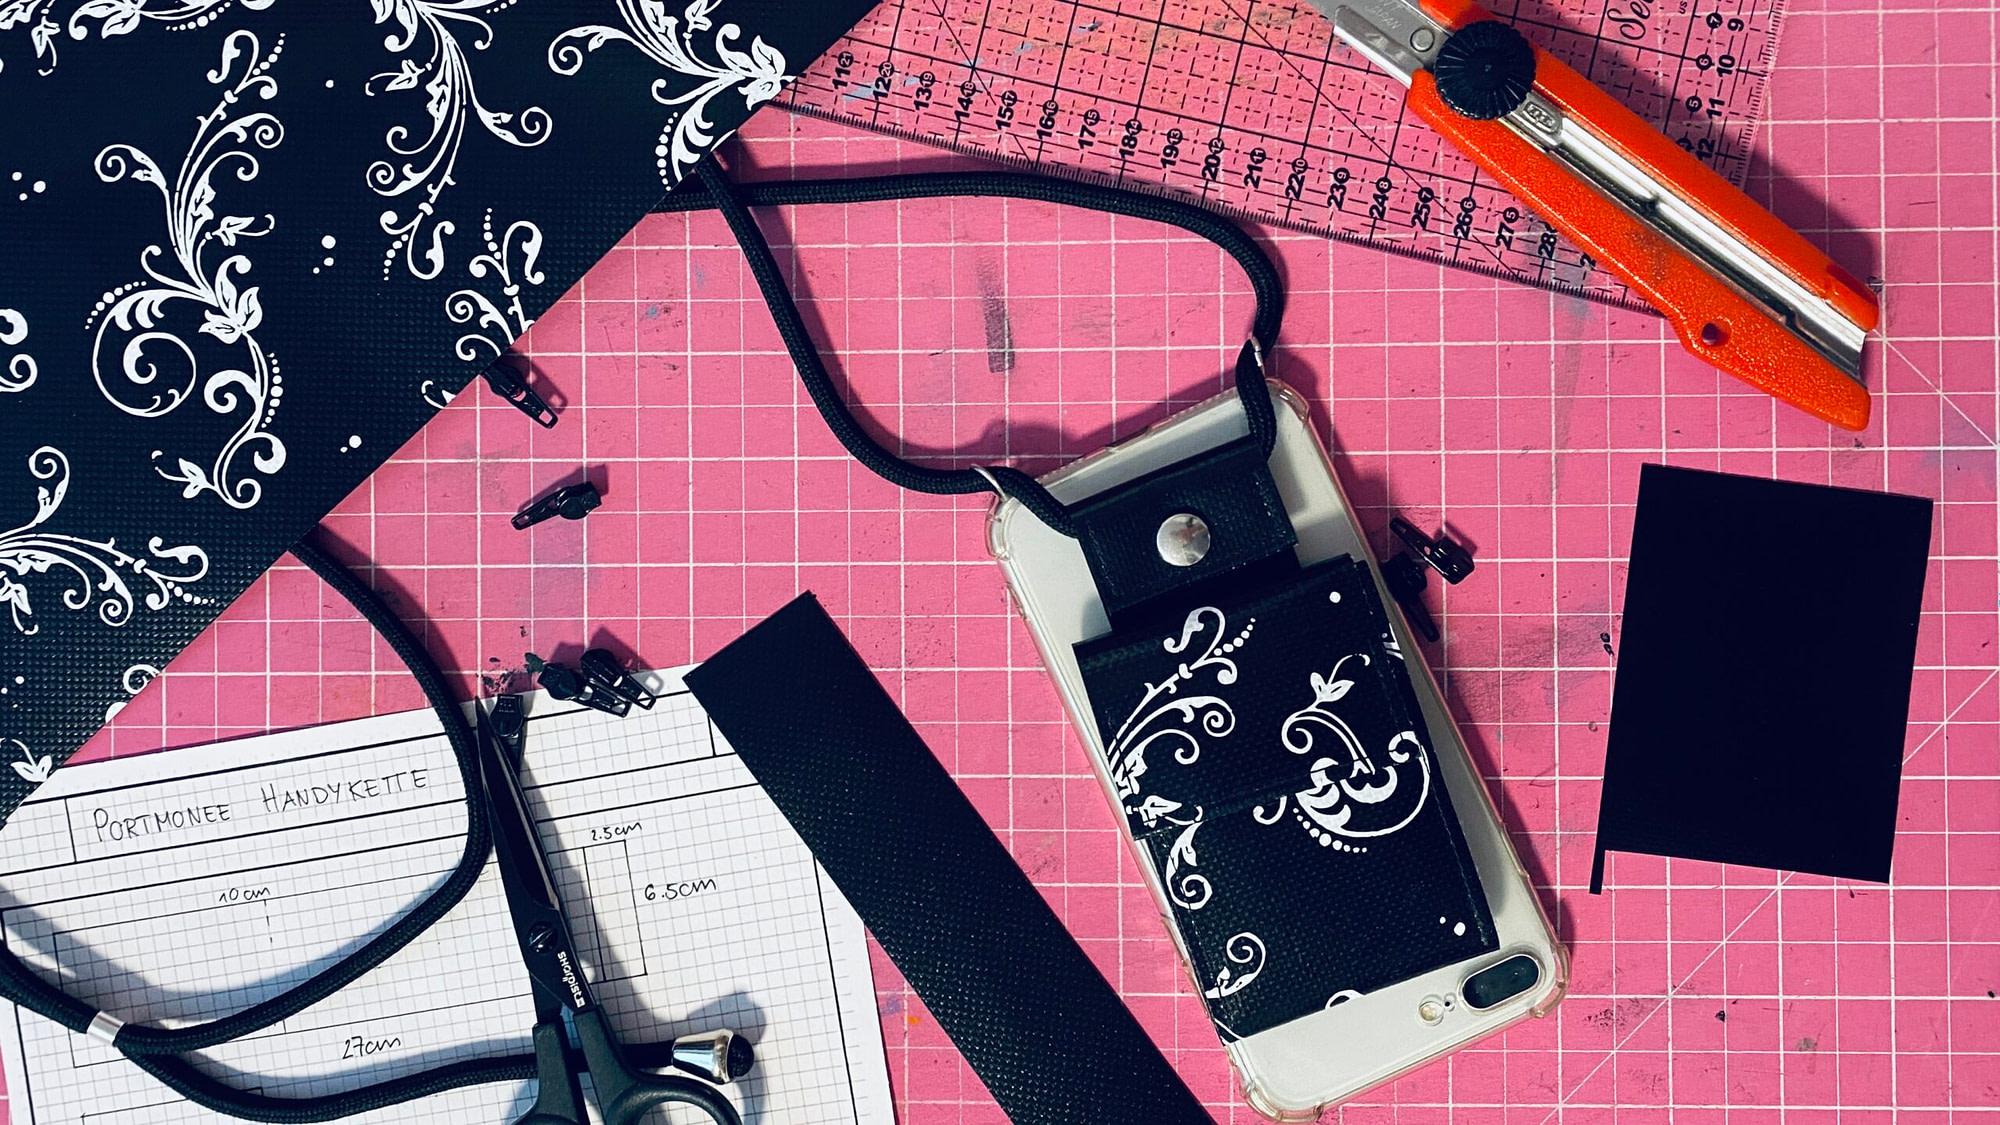 Portmonee Handykette aus Blache Smartphone Kette mit Bändel